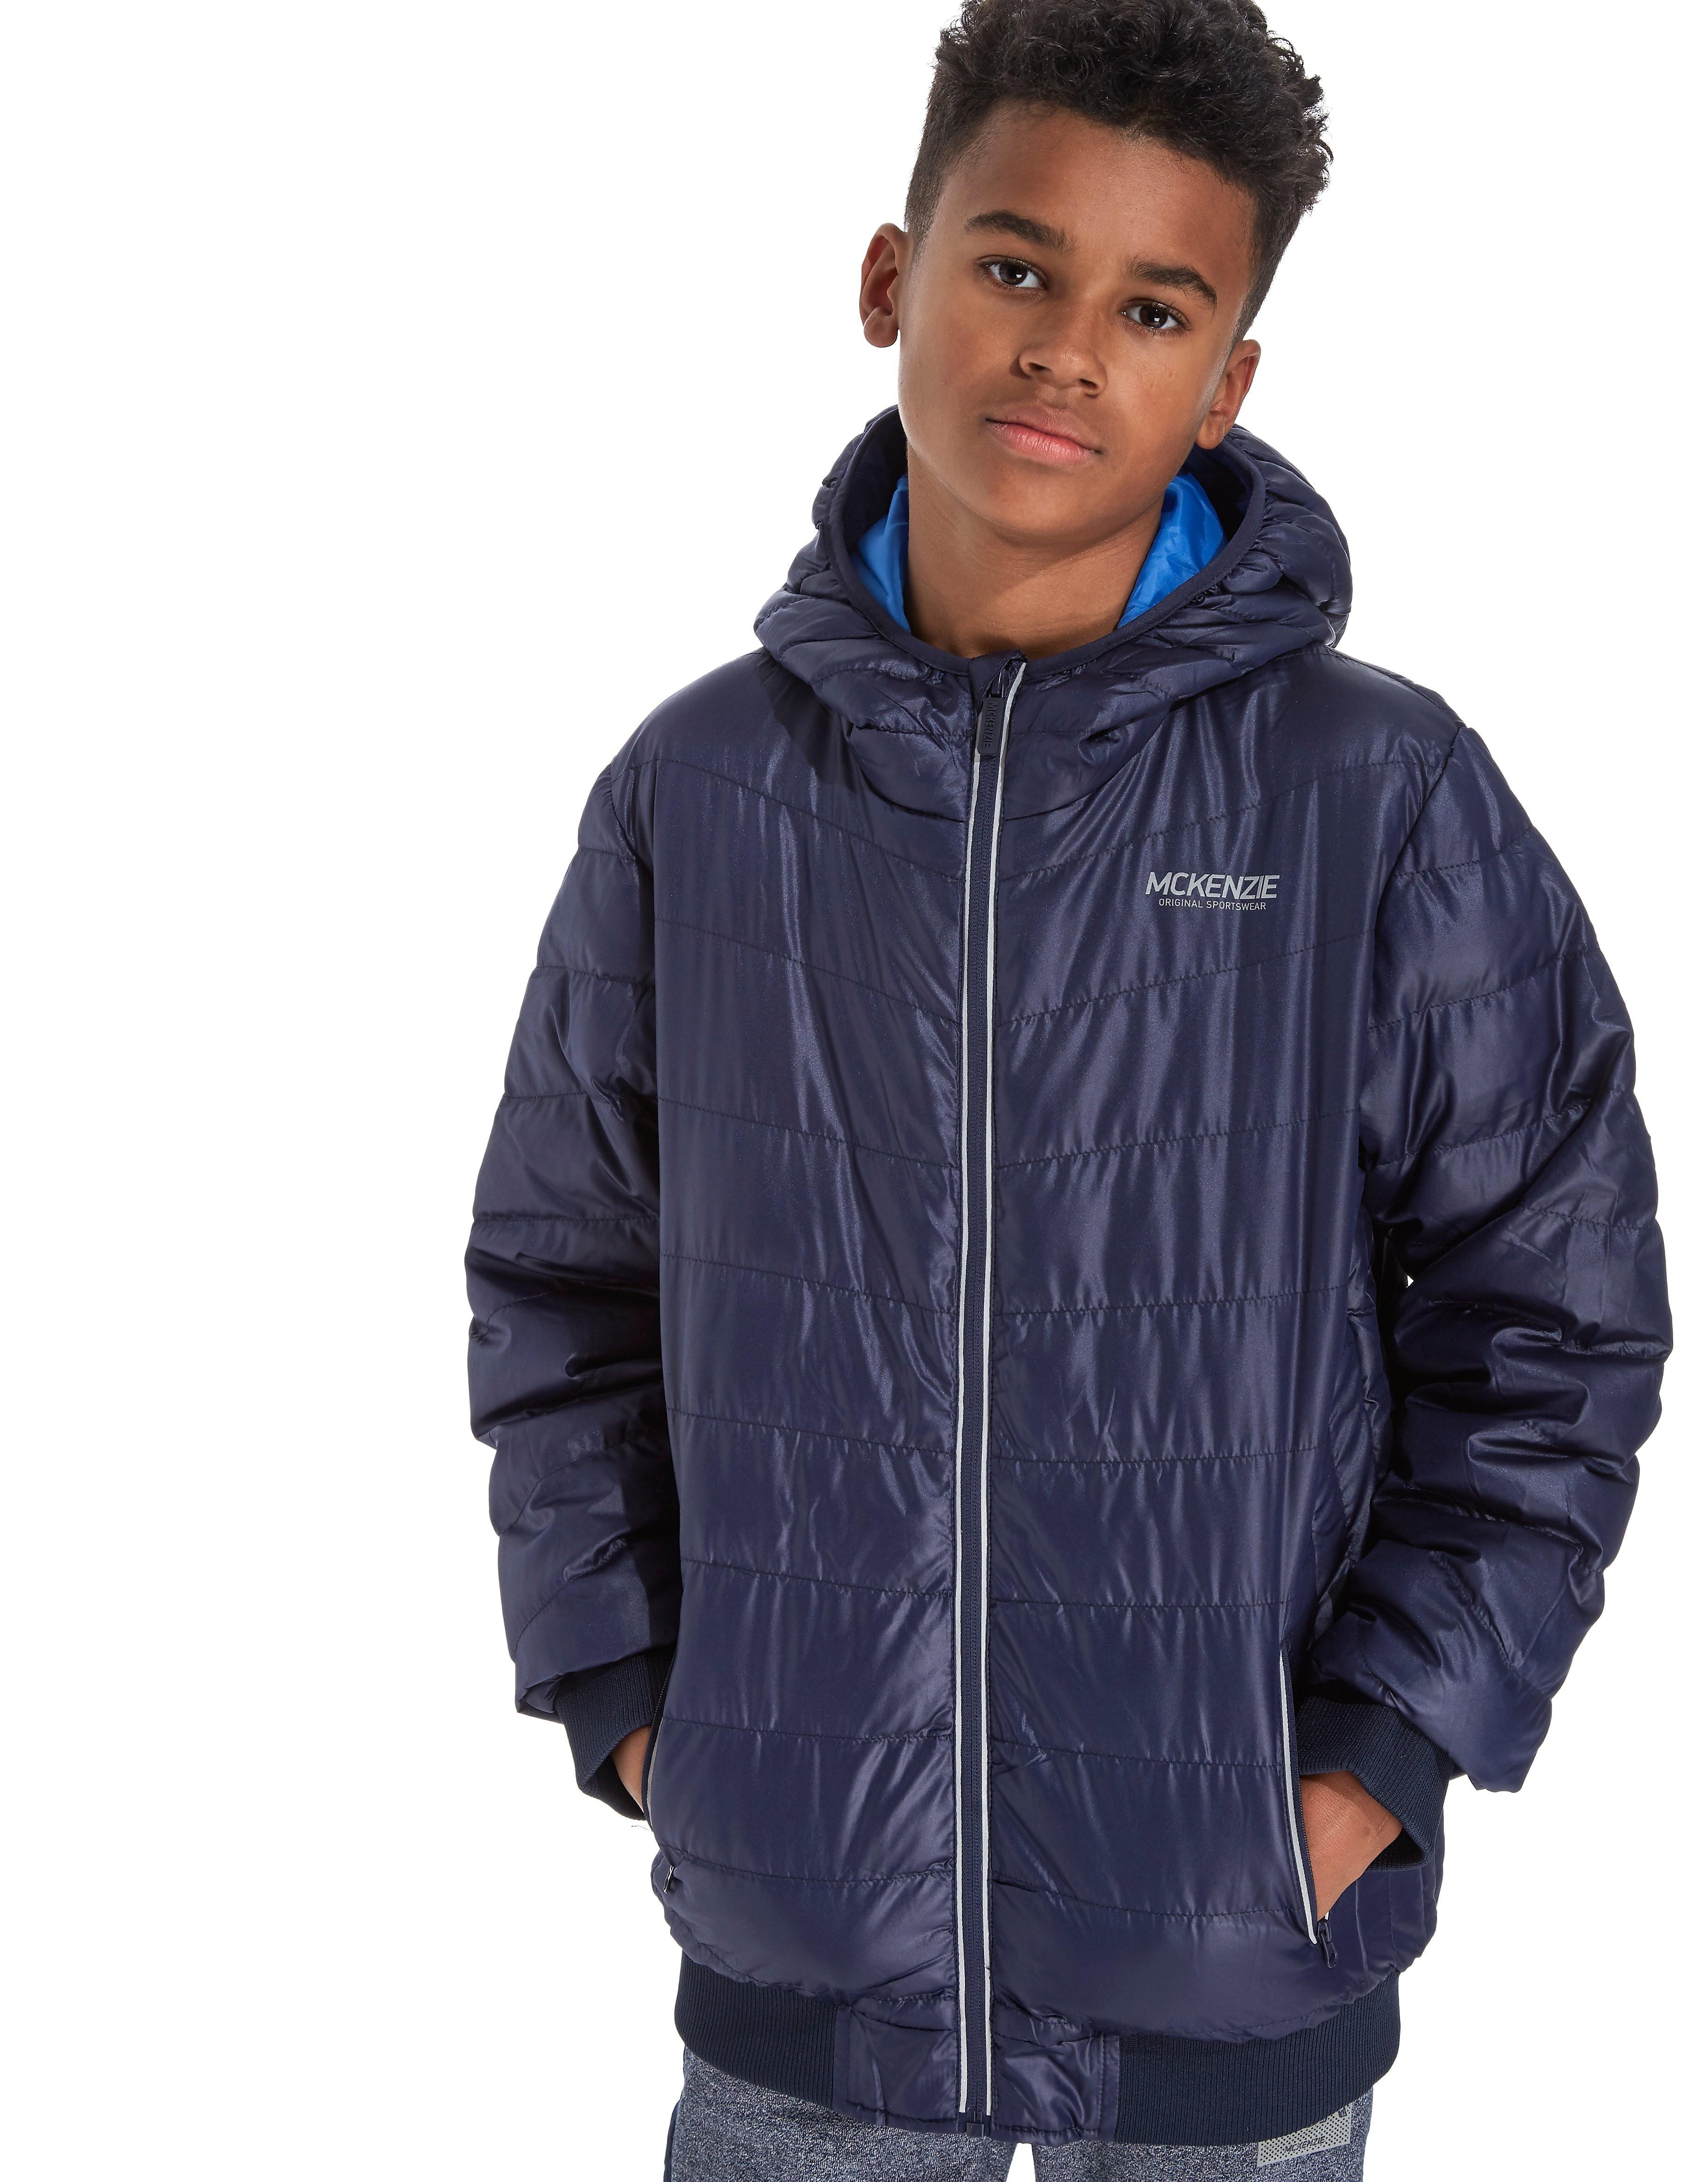 McKenzie Oxford Jacket Children